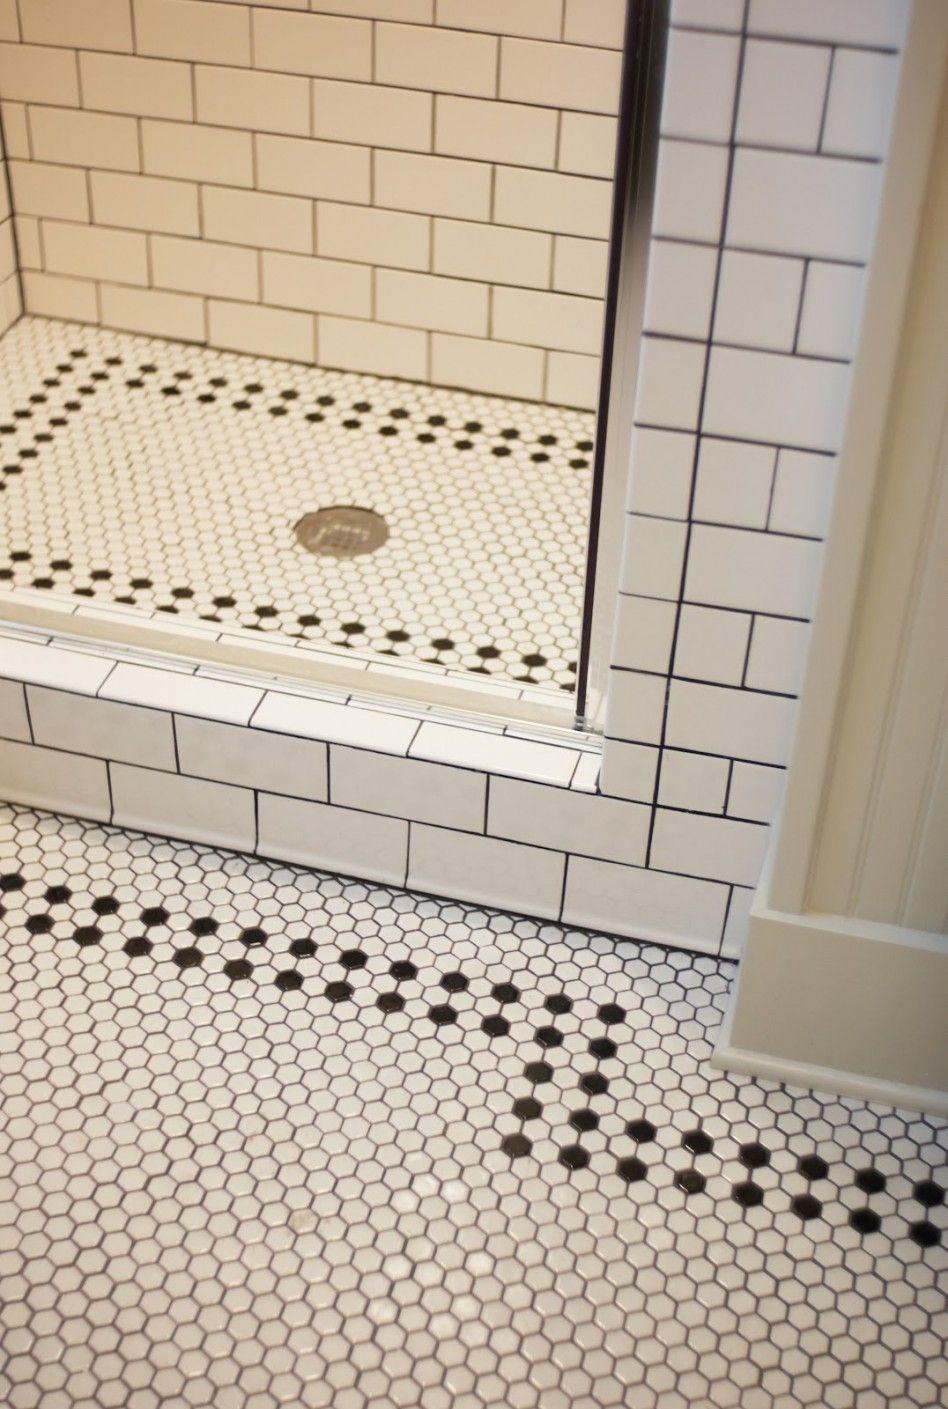 Bathroom, Beautiful Hexagonal Victorian Traditional Bathroom Floor ...